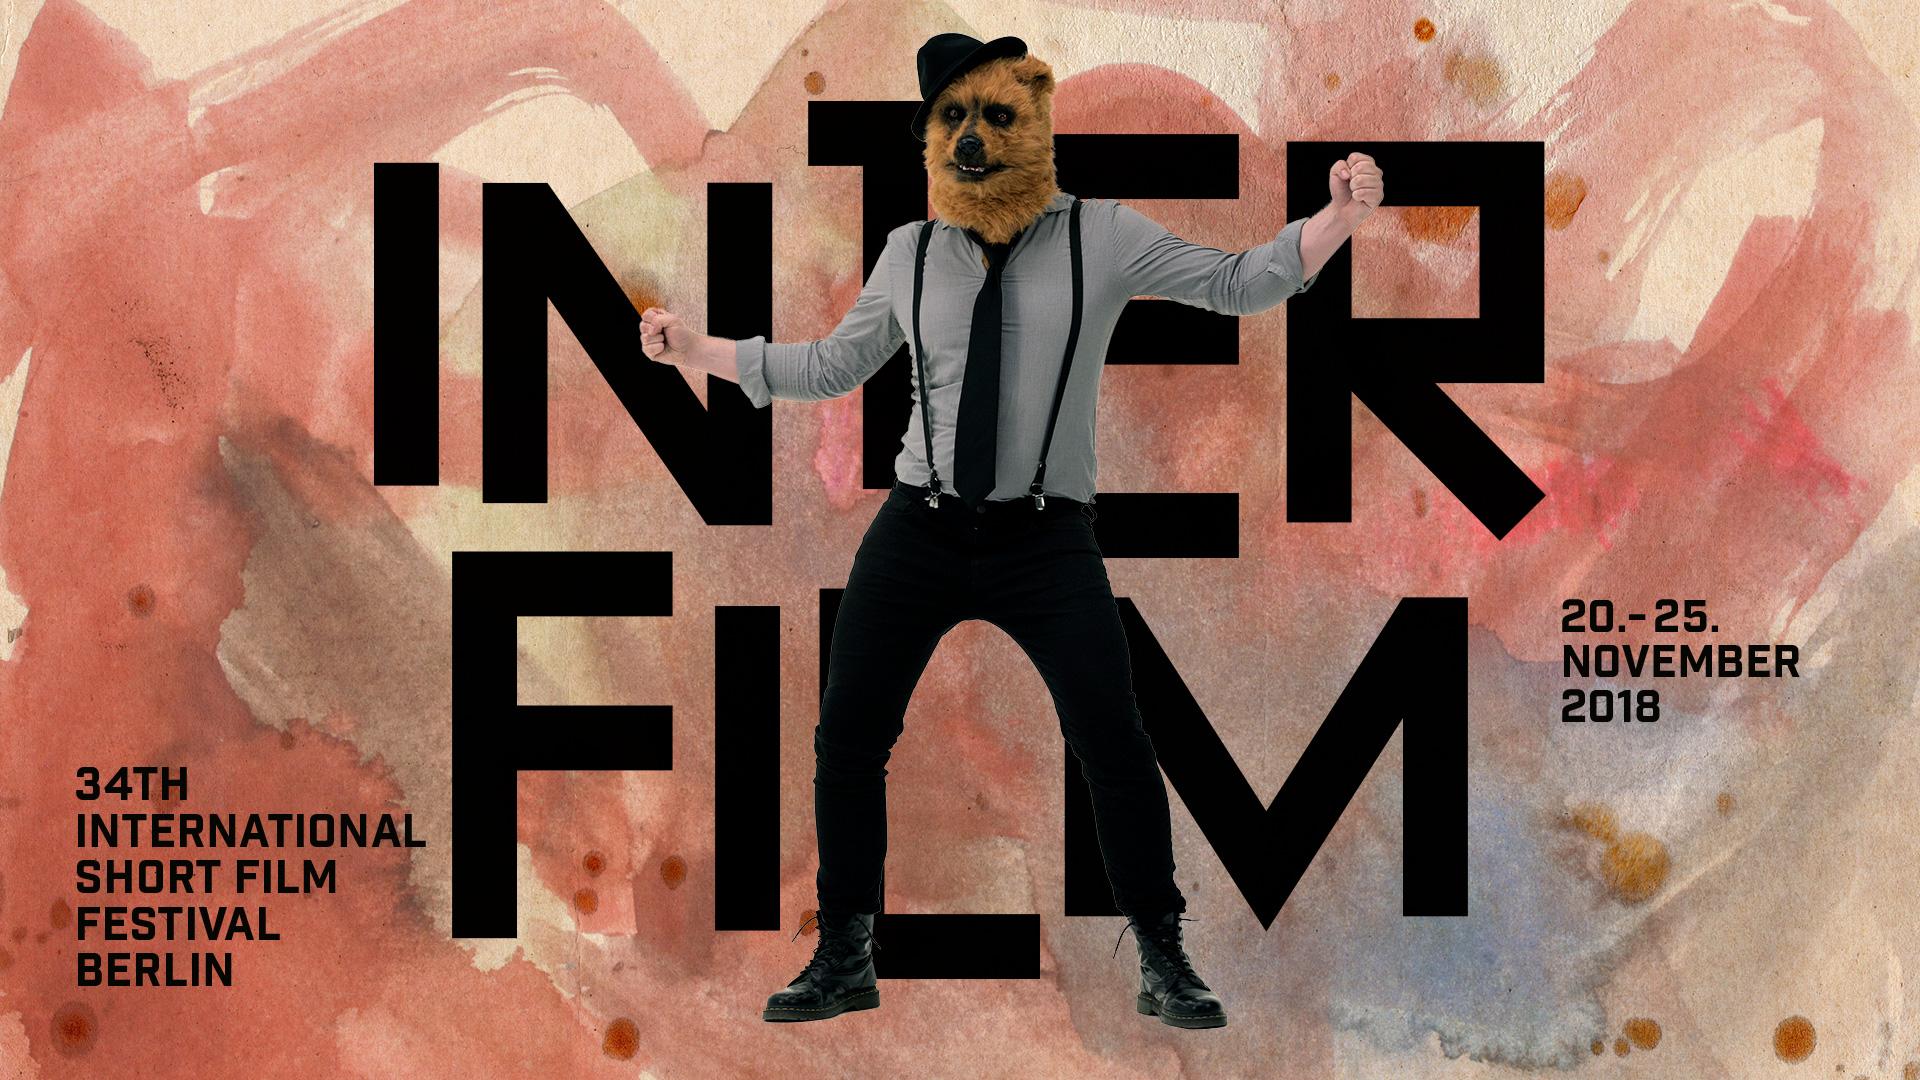 La 34esima edizione del festival dei cortometraggi a Berlino: Interfilm dal 20 al 25 novembre